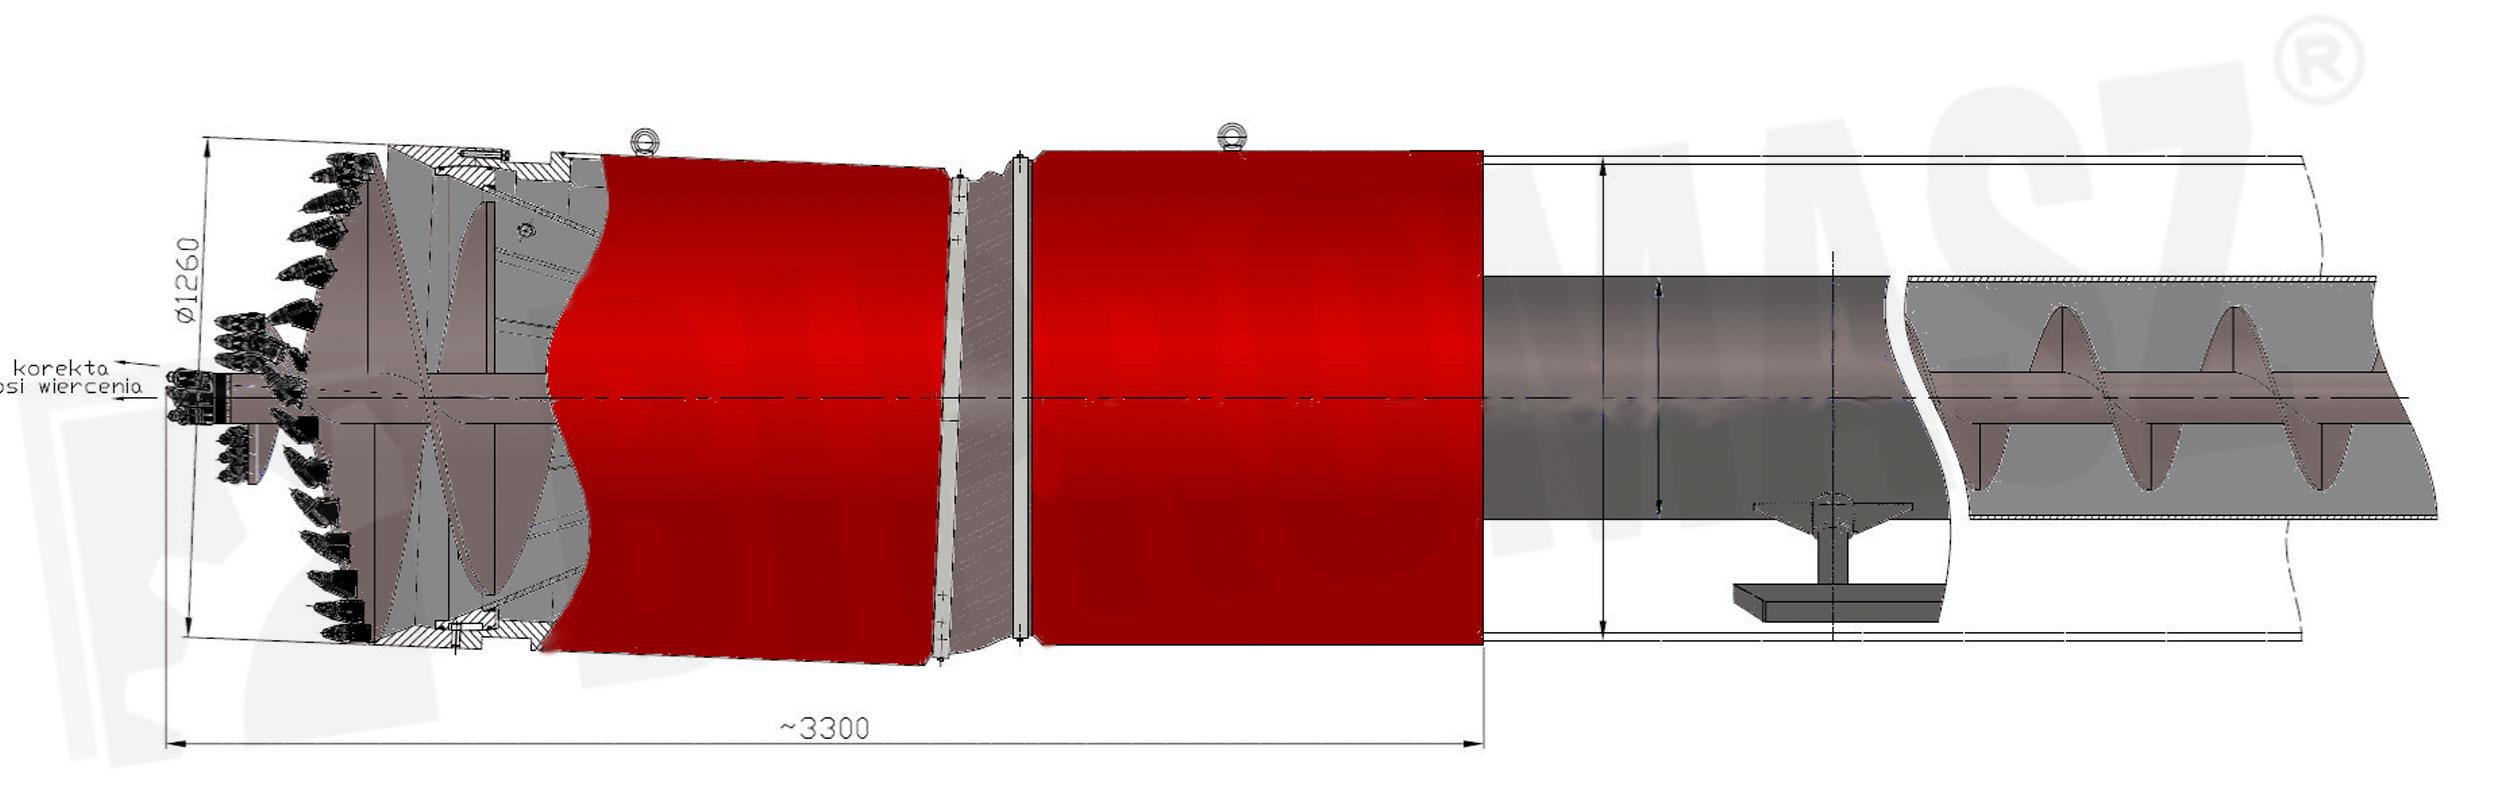 Ślimakowa głowica sterowana SGS-126 produkcji Bipromasz